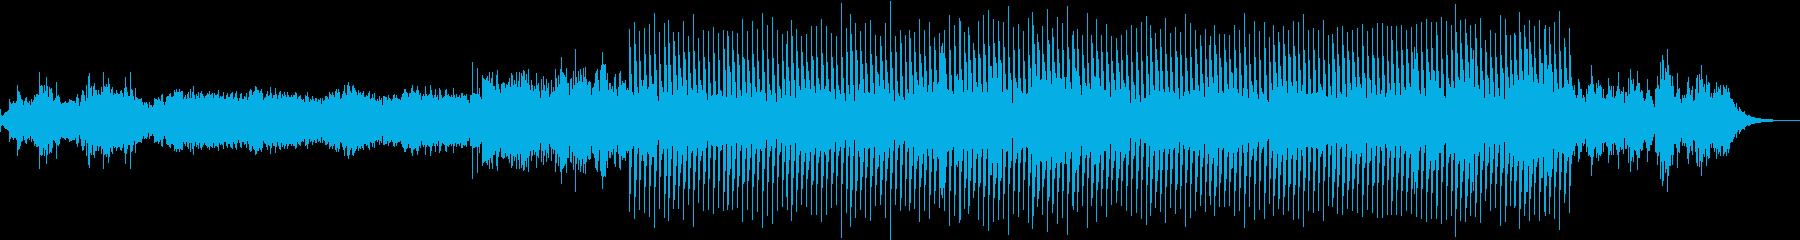 切ないピアノループが印象的なエレクトロの再生済みの波形